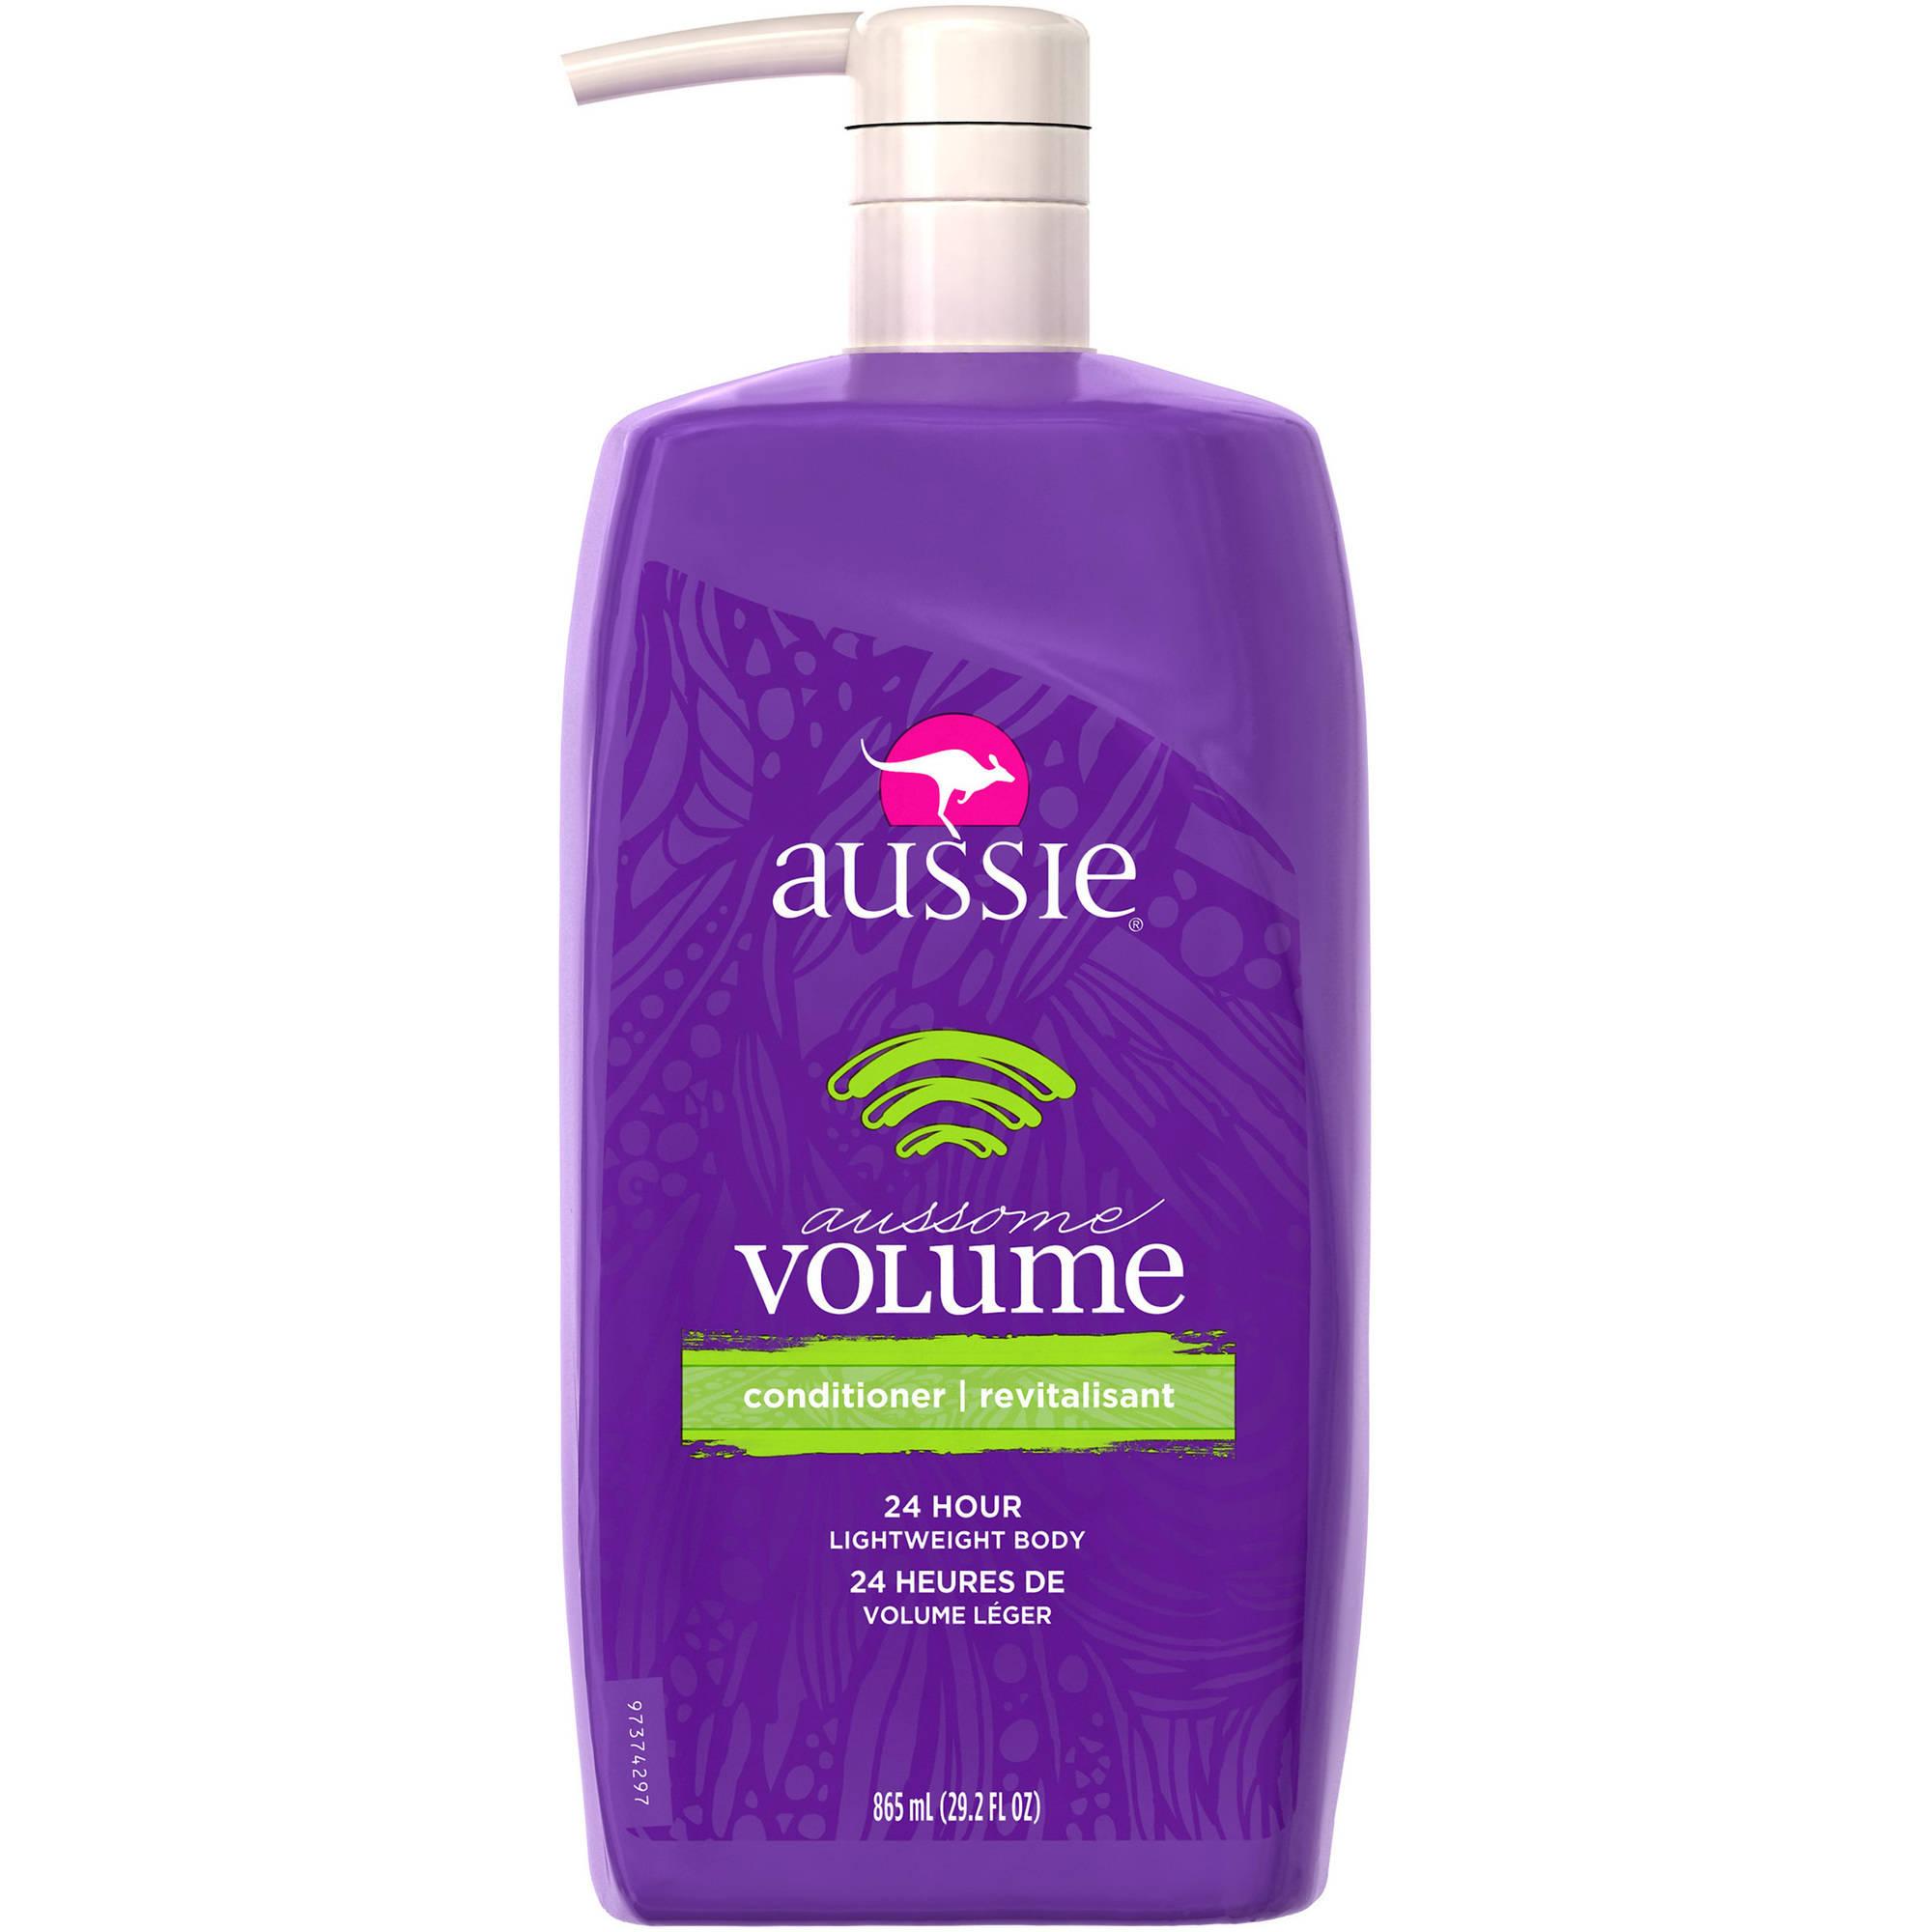 Aussie Aussome Volume Conditioner with Pump, 29.2 fl oz